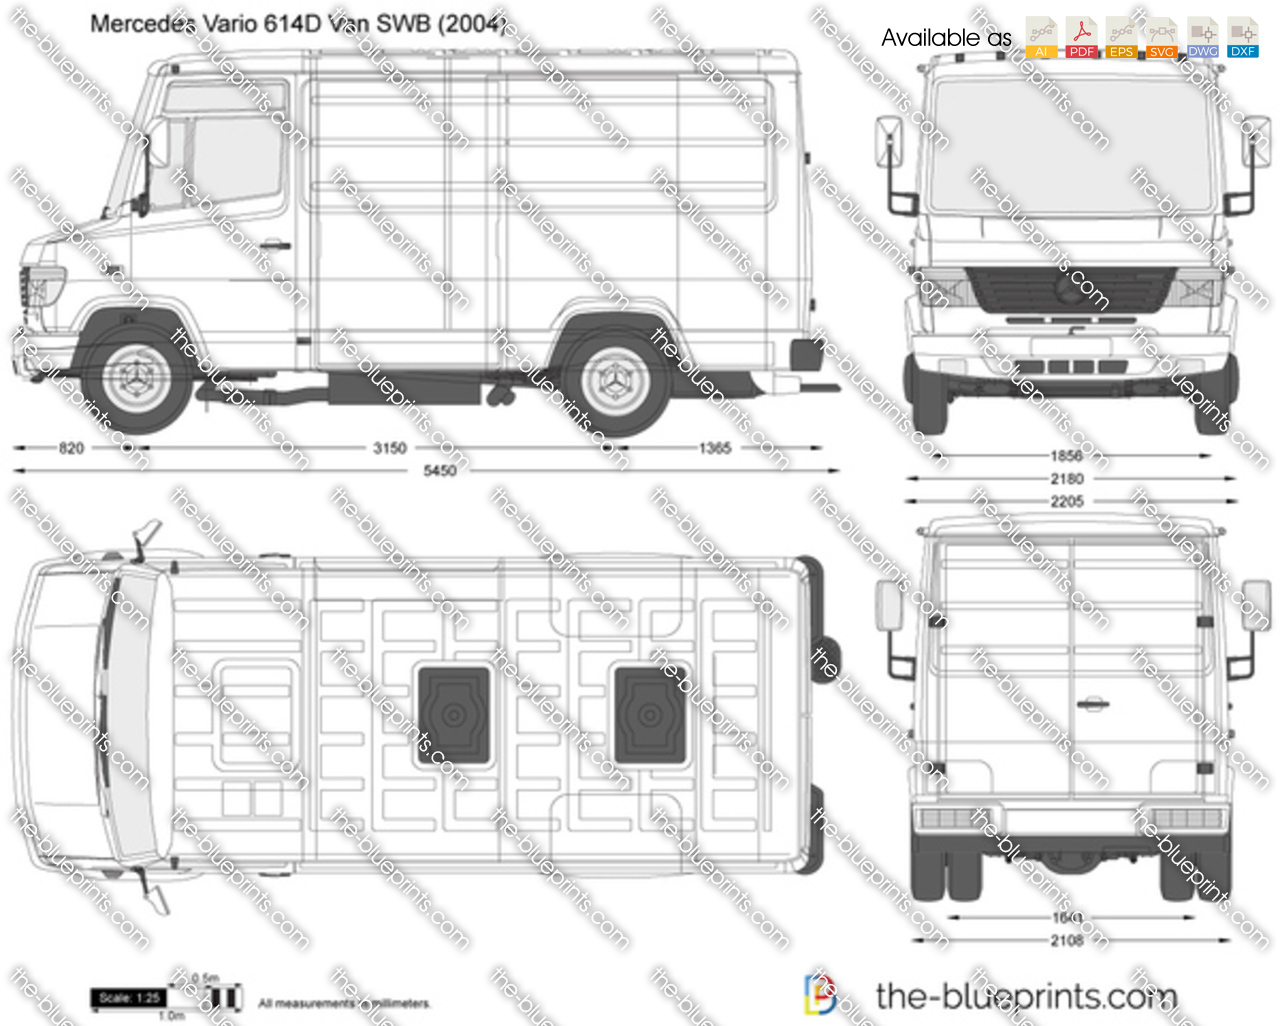 Mercedes-Benz Vario 614D Van SWB